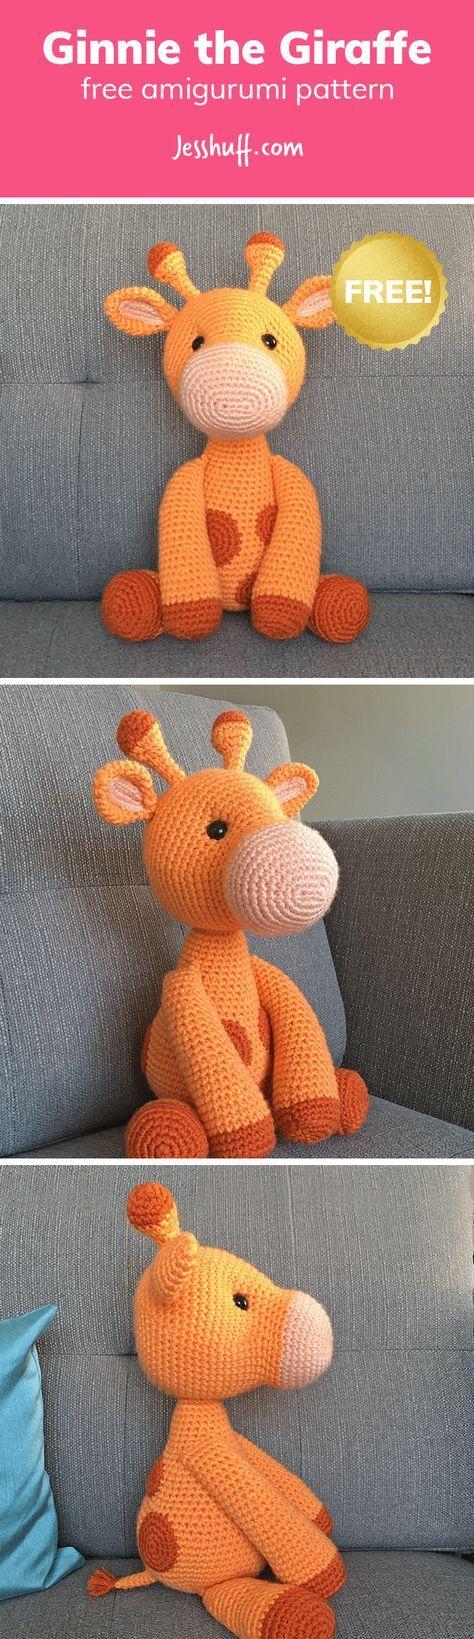 Amigurumi Crochet Giraffe Pattern by Little Bear Crochets   1639x474